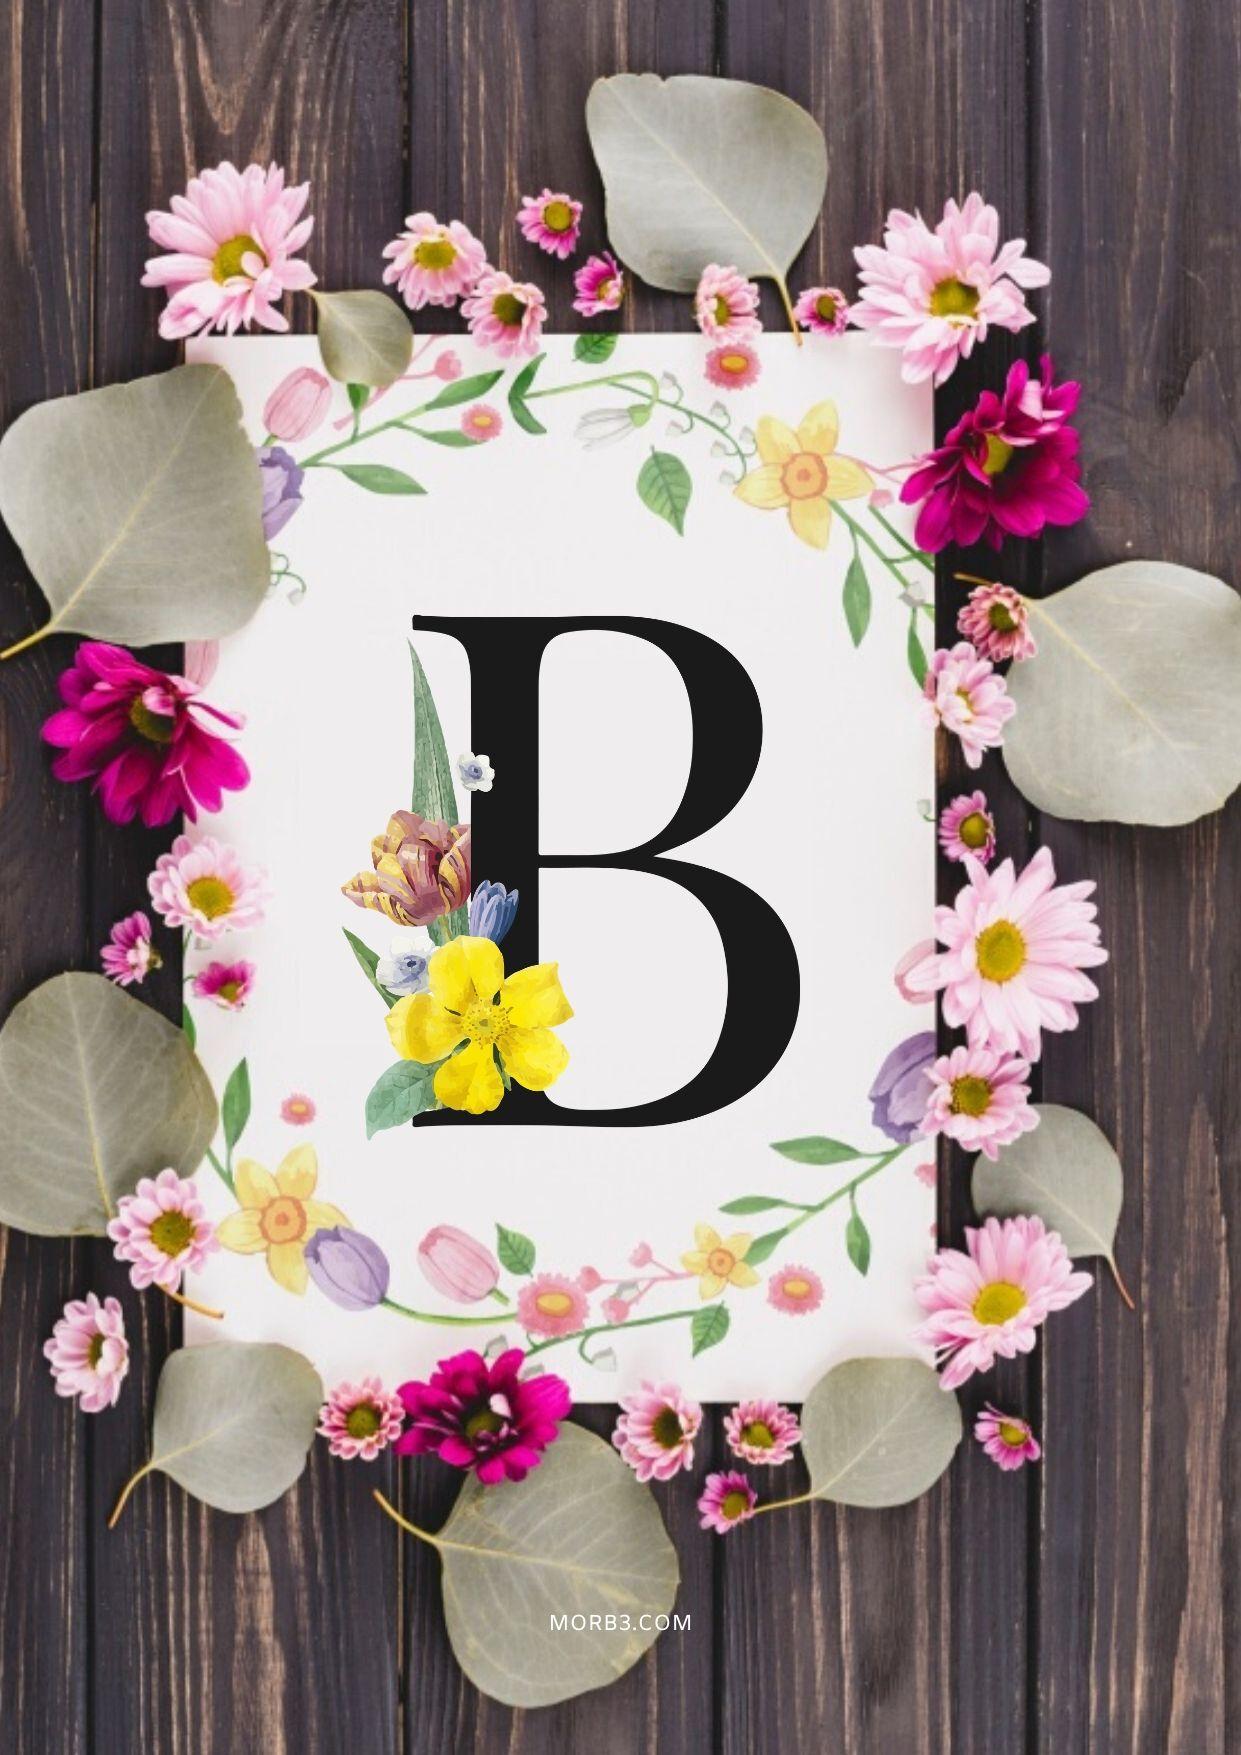 صور حرف B بجودة عالية باللغة 9